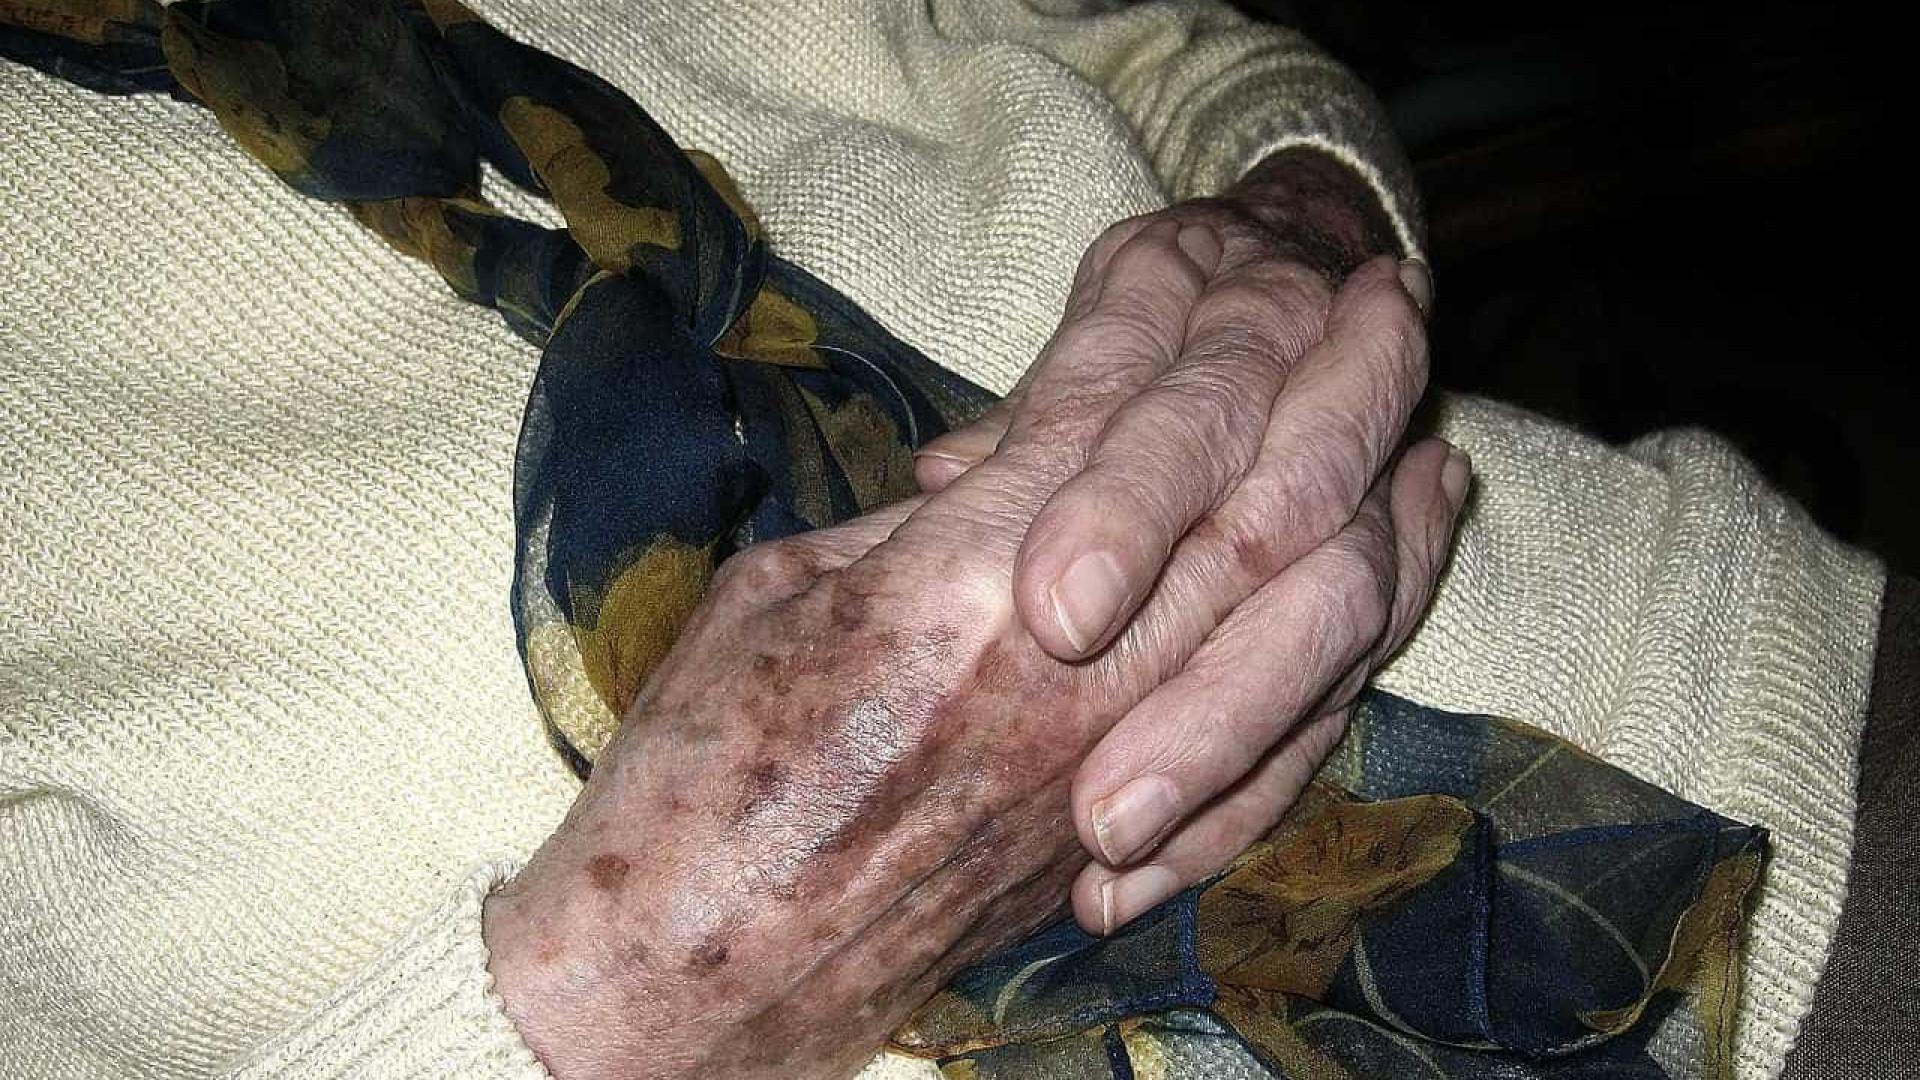 Médico acusado de matar nove idosos através do uso abusivo de sedativos